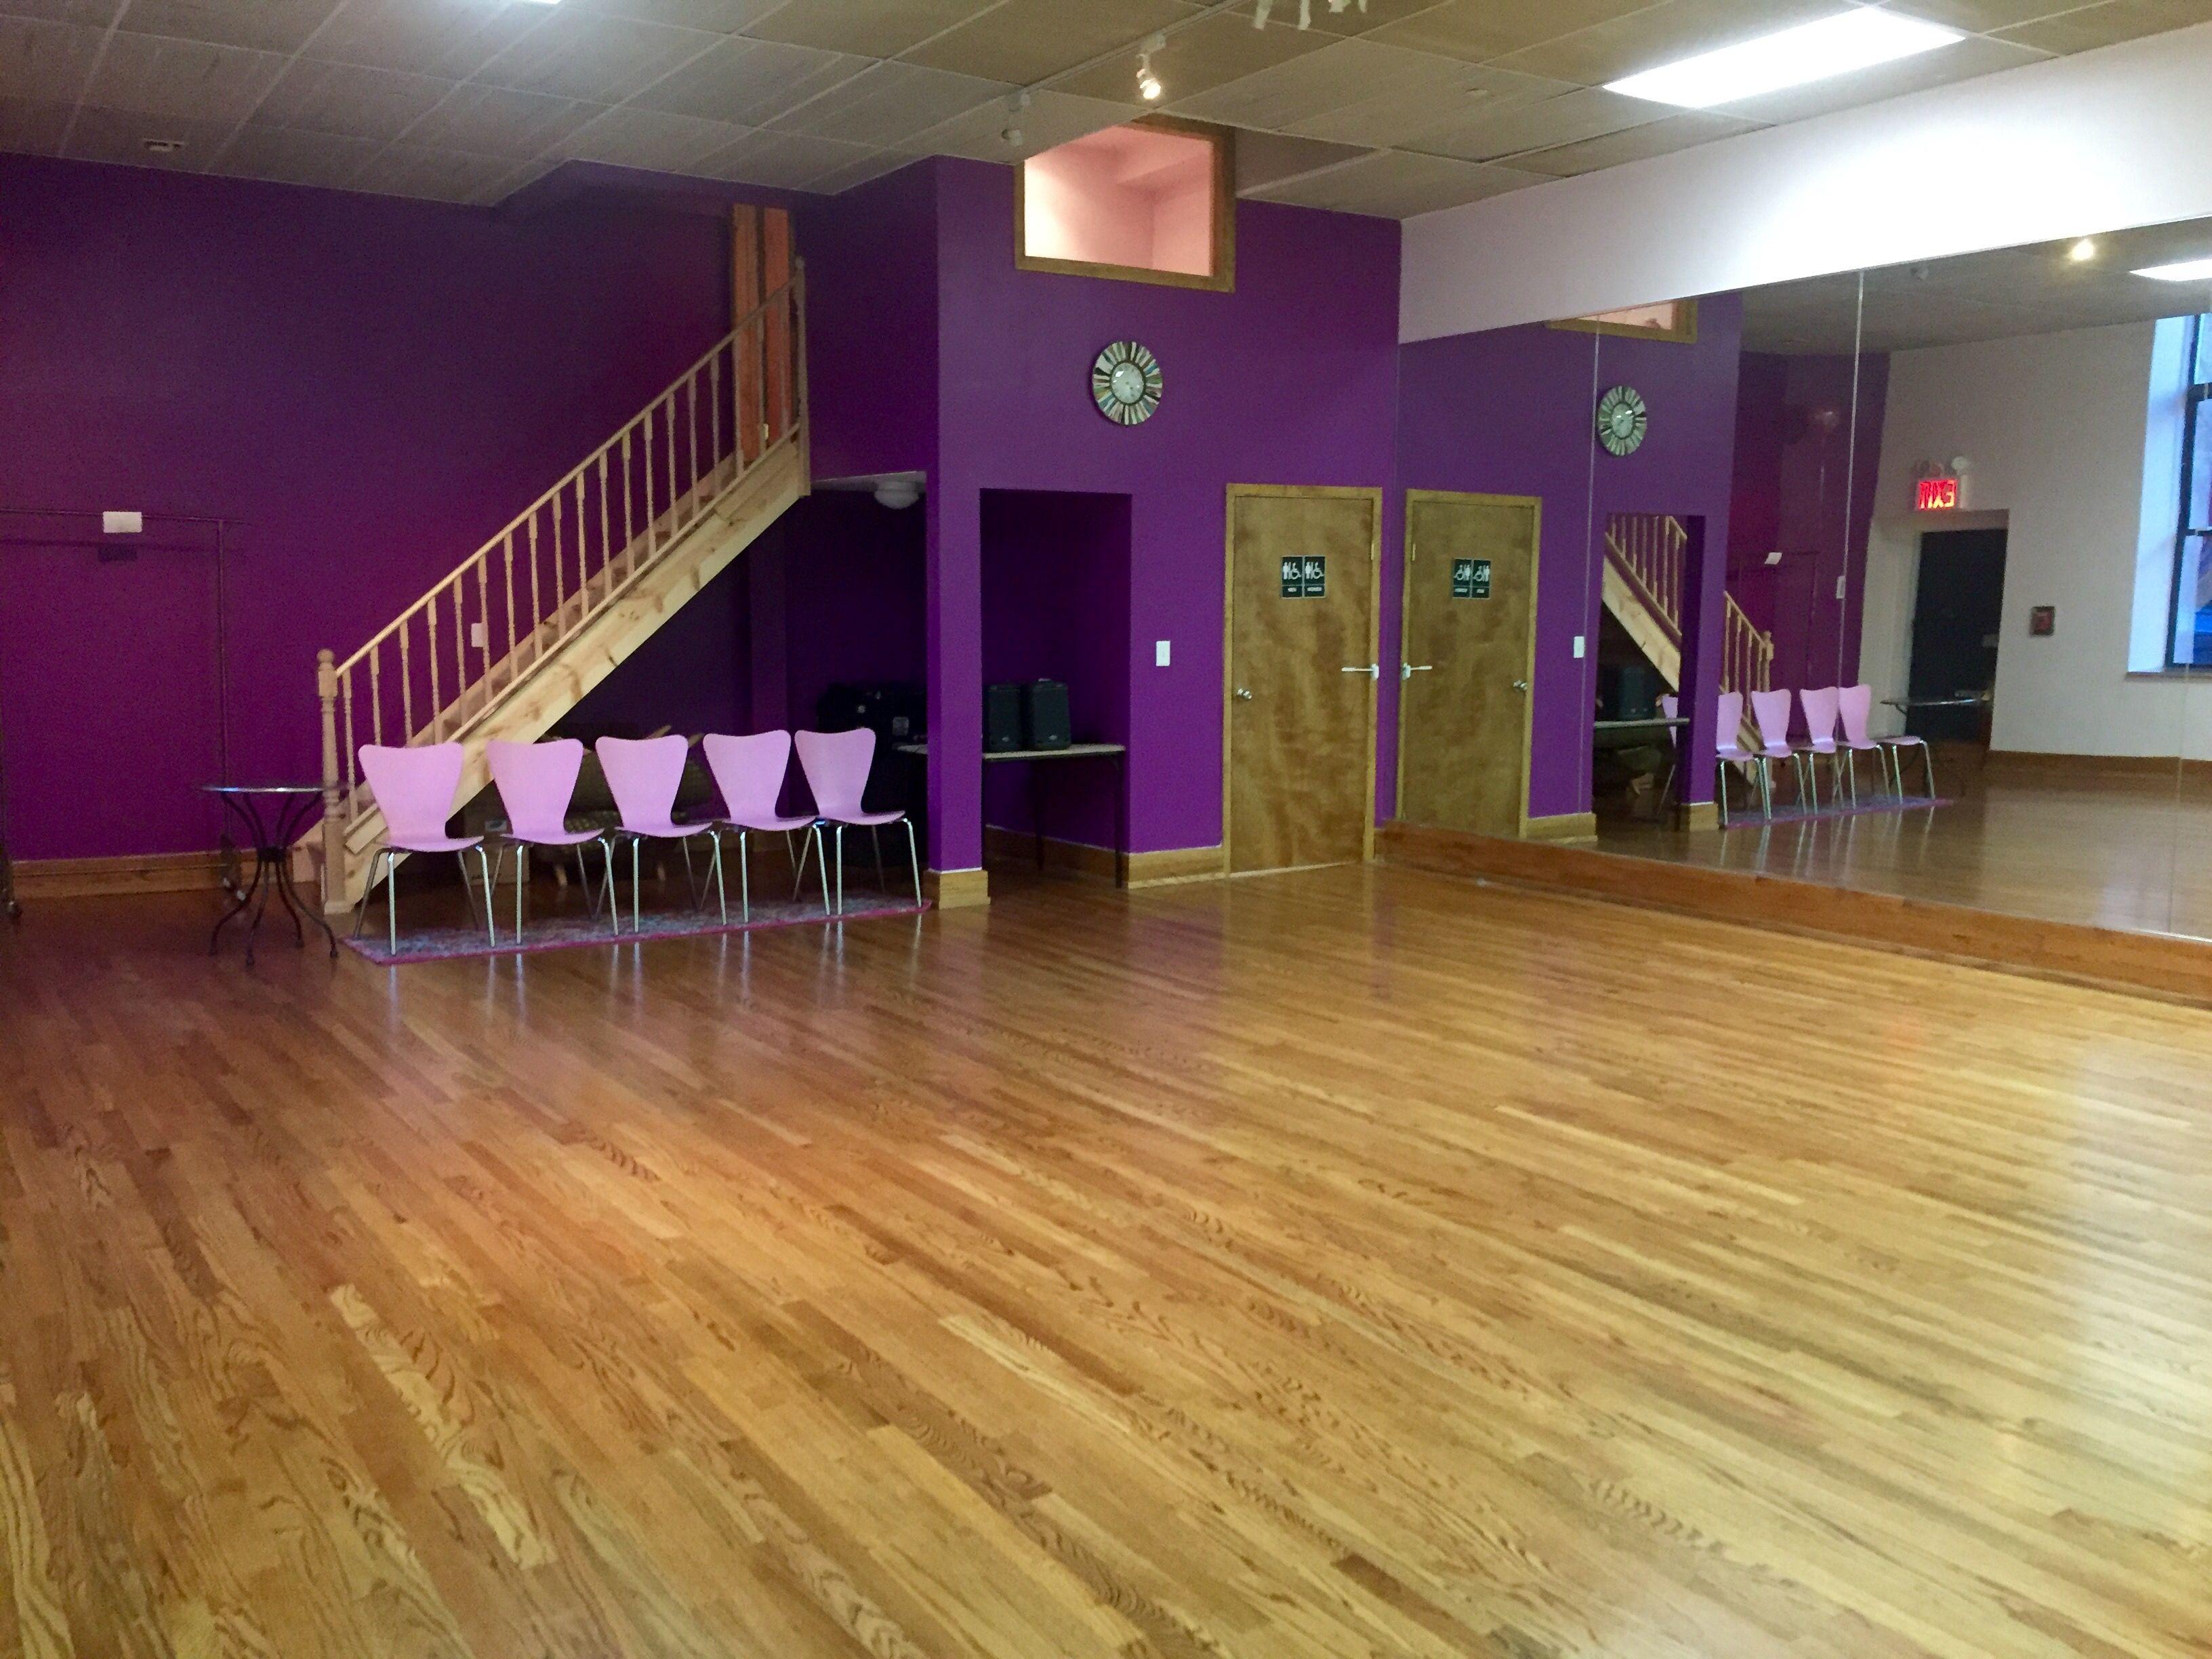 2nd Floor Dance Studio Venue For Rent In New York Dance Studio You Should Be Dancing Dance